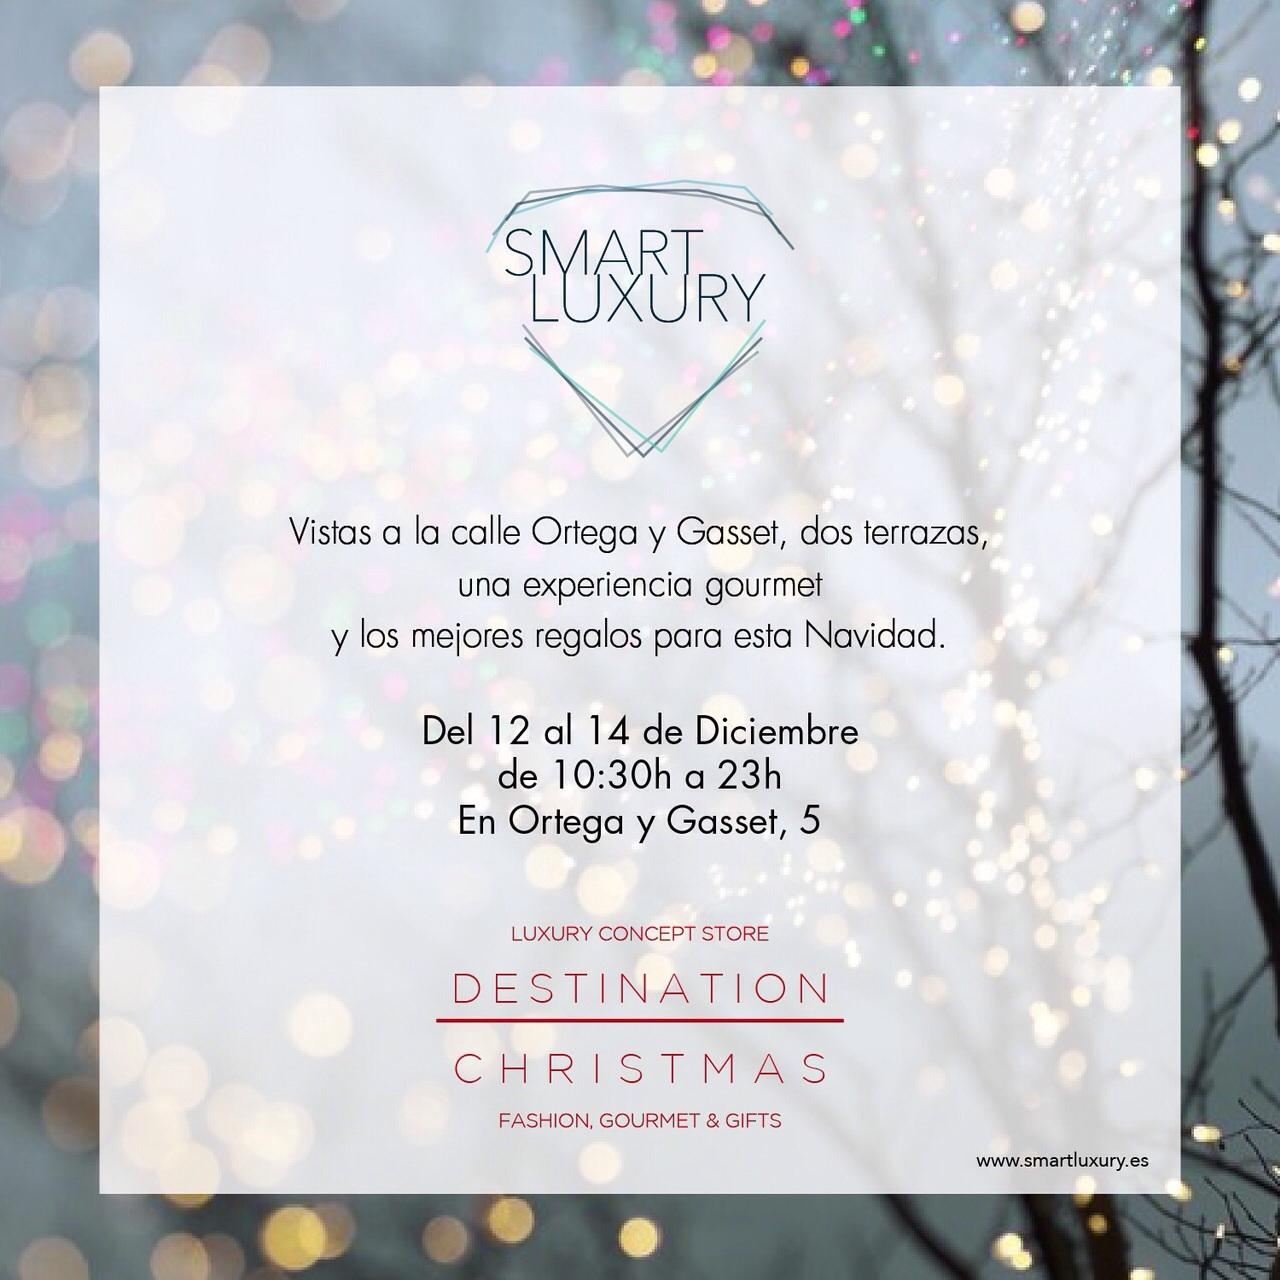 invitacion smartluxury venta especial